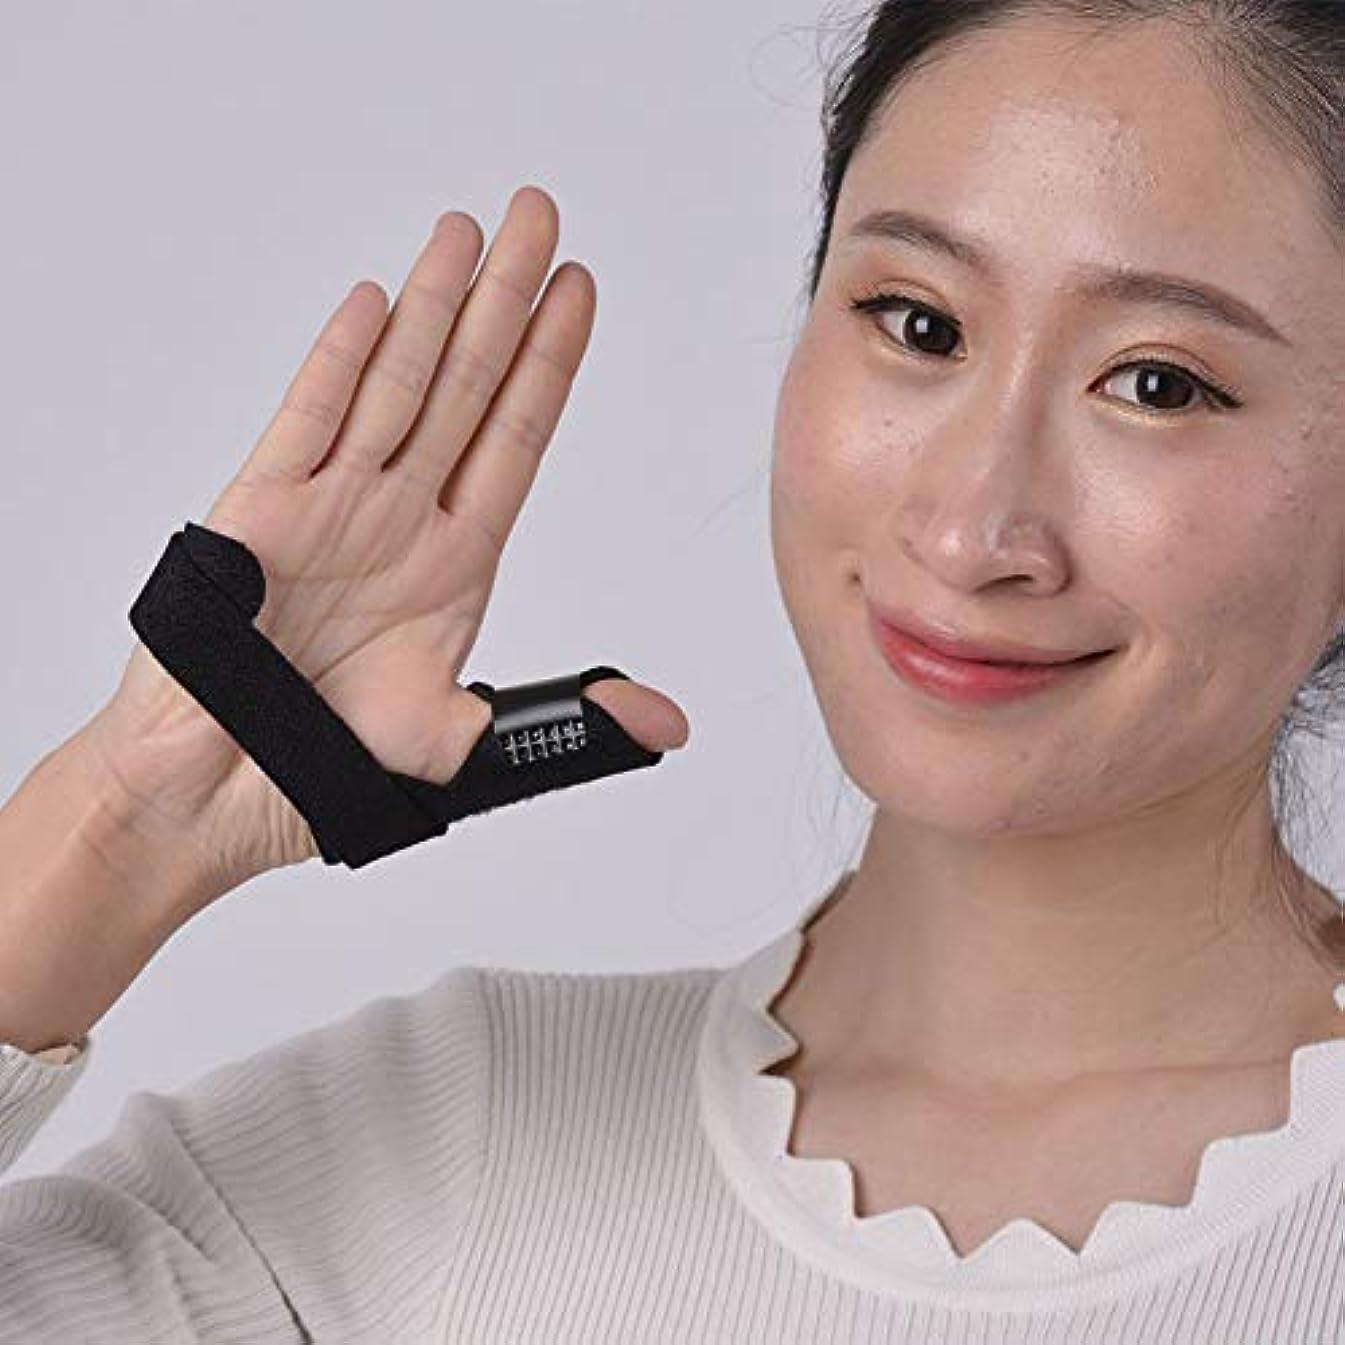 終わったバズ依存引き金指関節炎靭帯の痛み指骨折創傷術後のケアと痛みを軽減するための指ストレイテナー固定副木